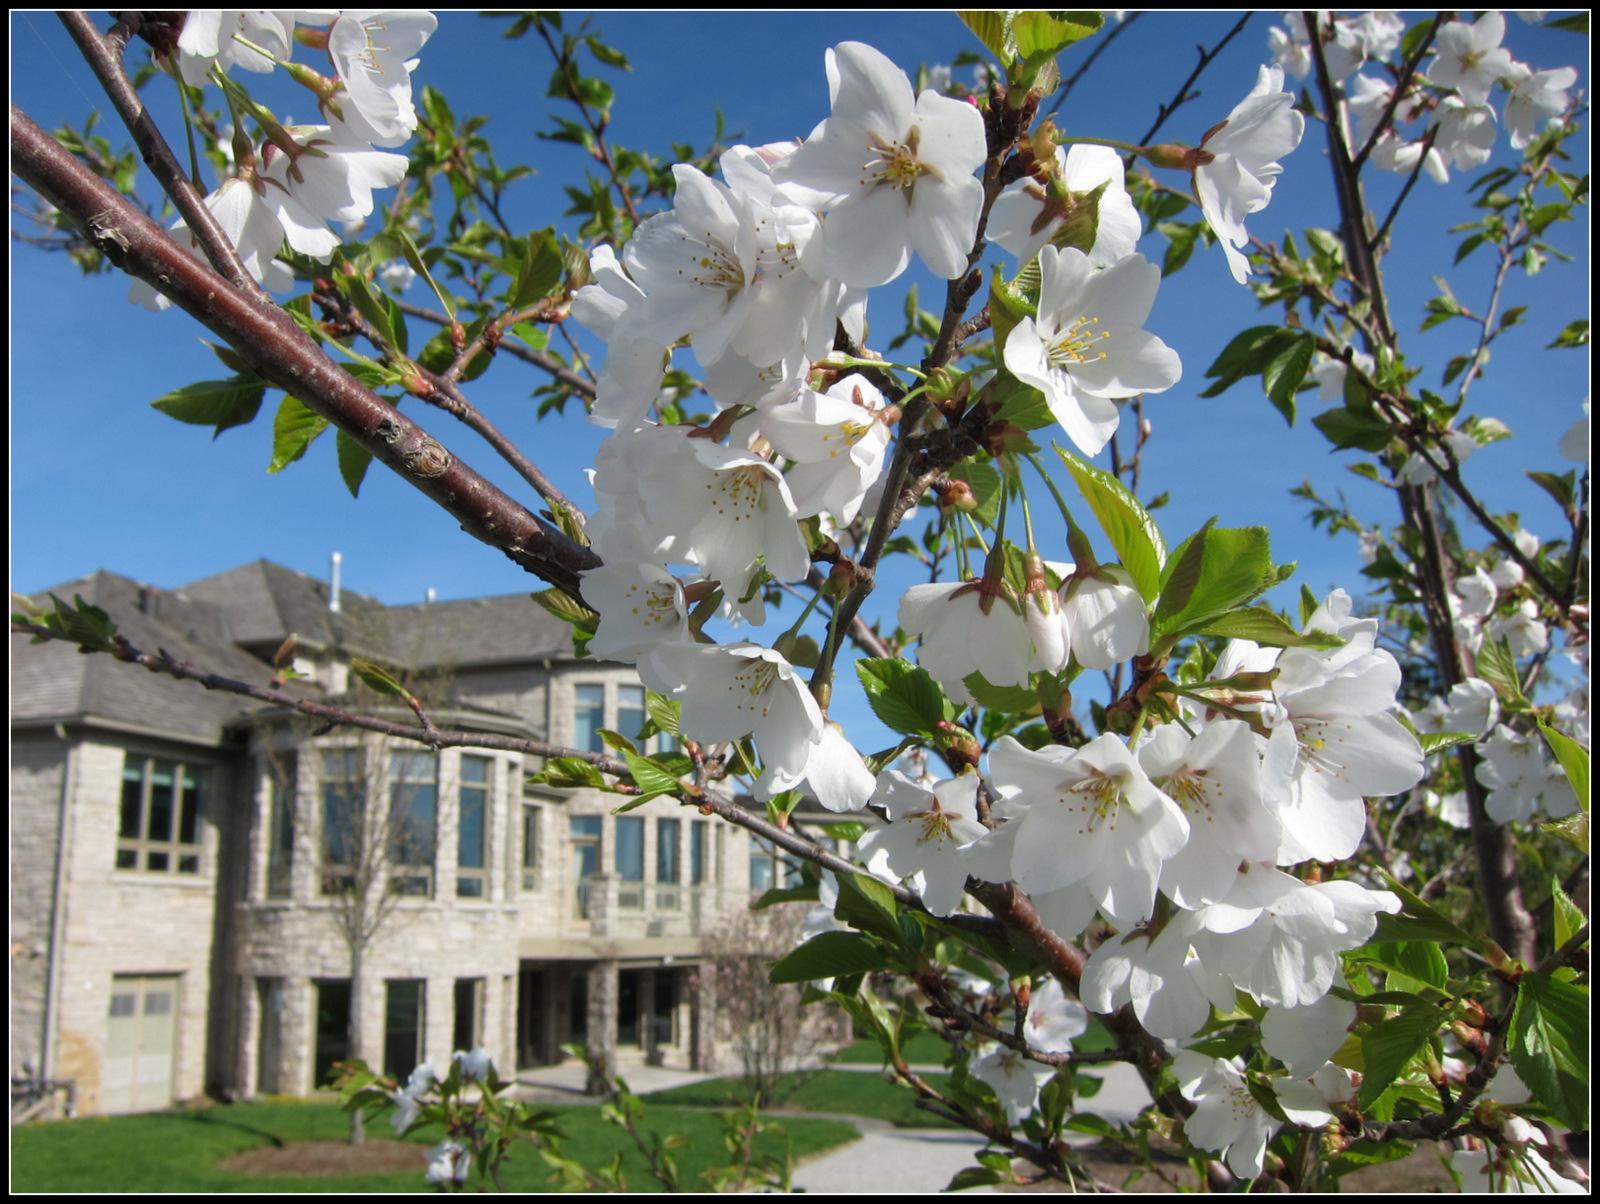 Sakura blooms in Springtime at Sakura House